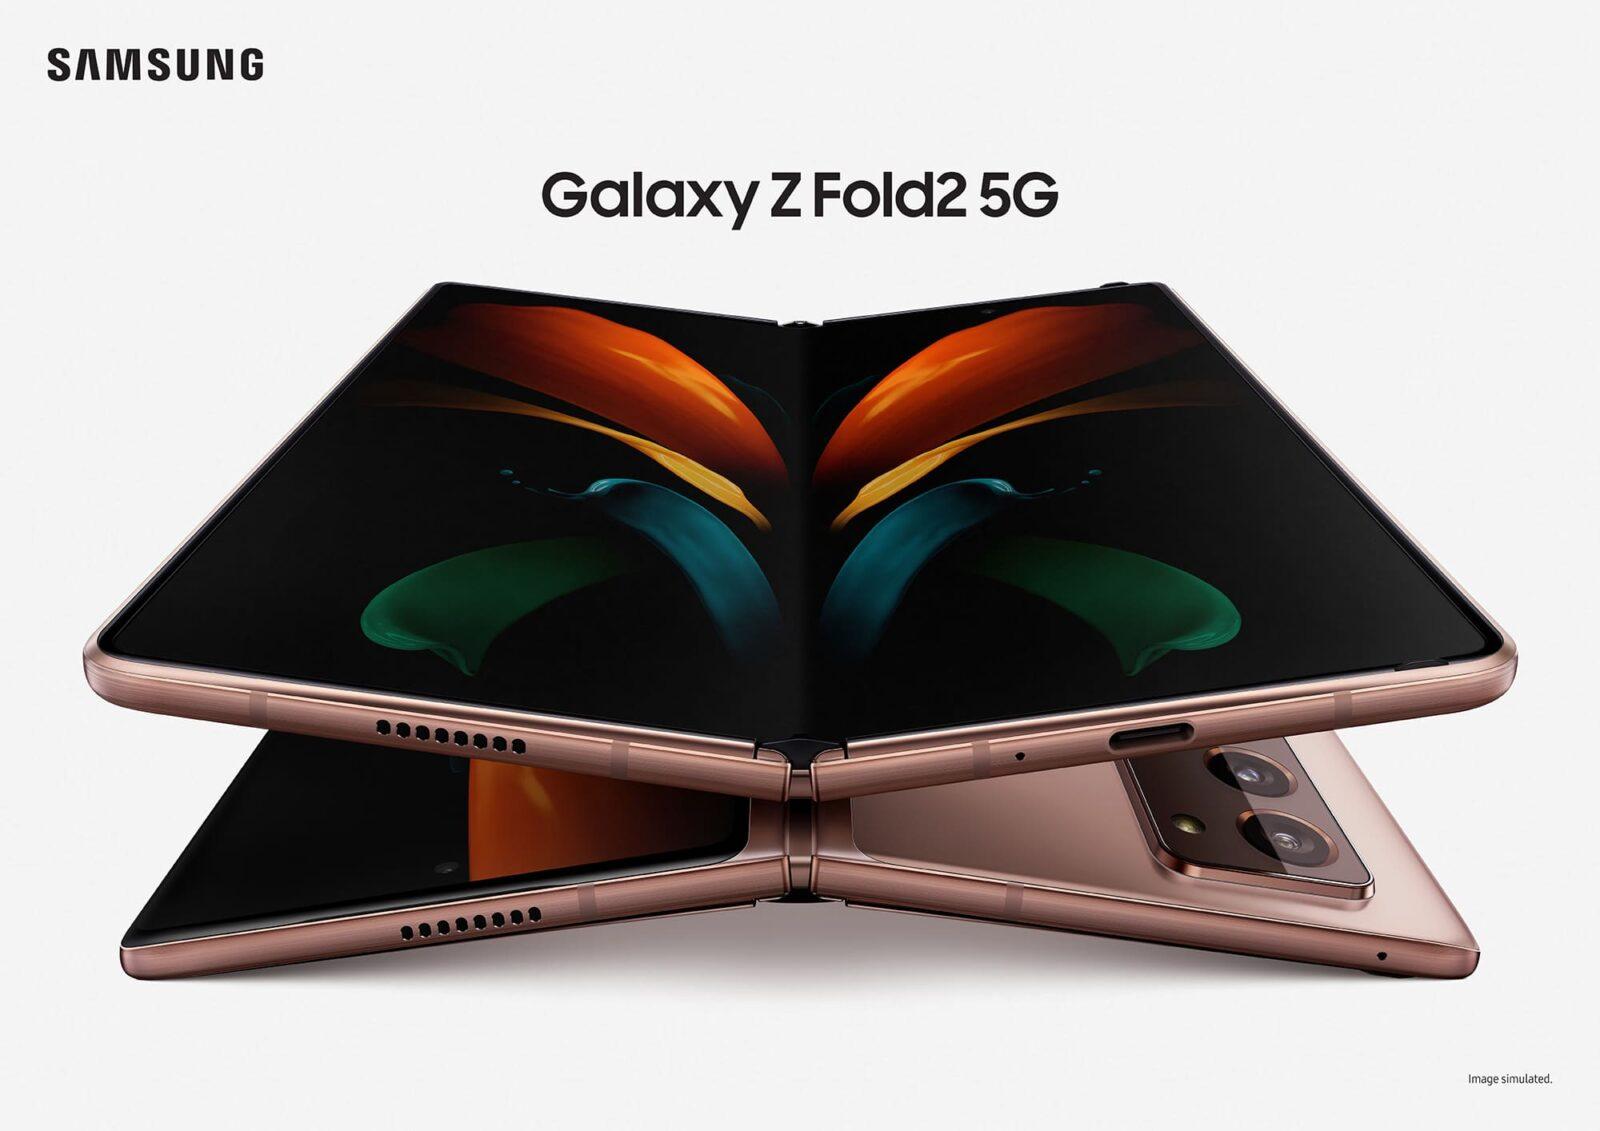 samsung-galaxy-z-fold-2-uno-encima-de-otro-seriegrafia-5g